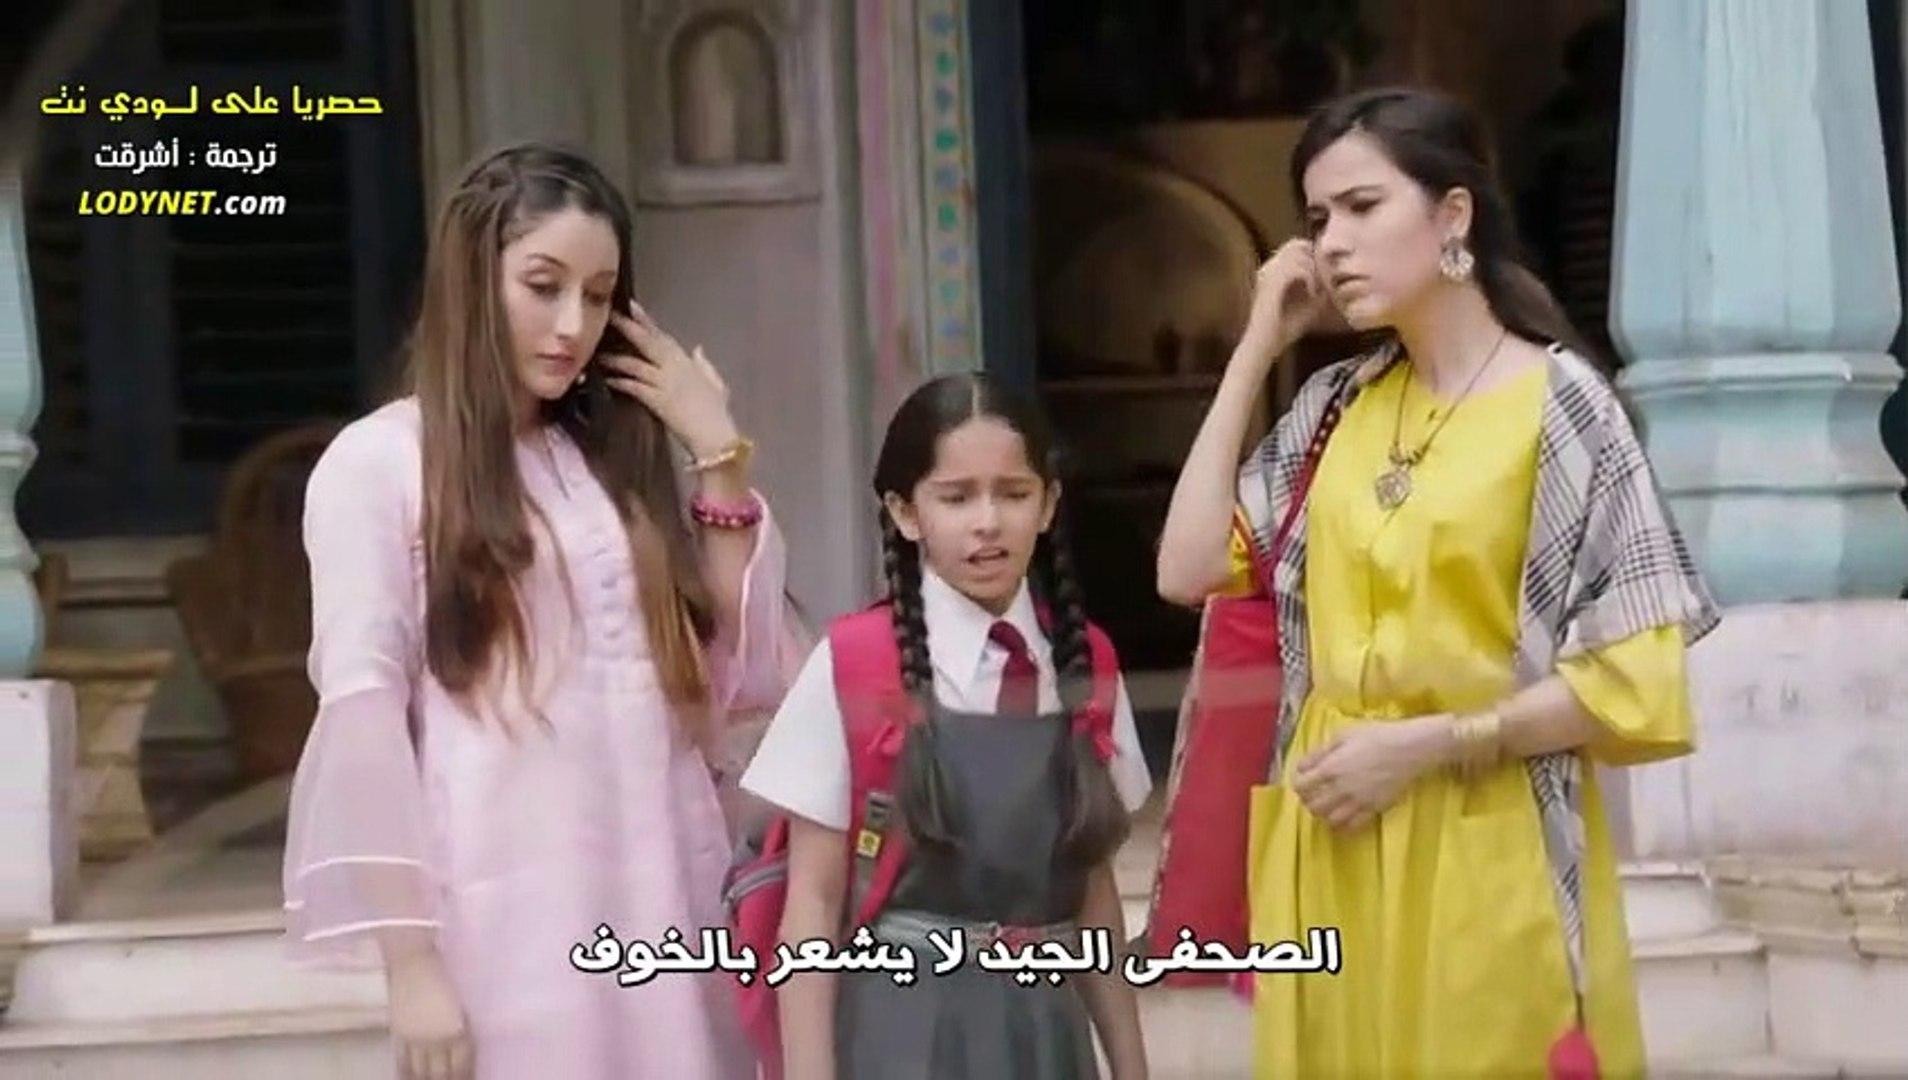 مسلسل مريم خان الحلقة 7 مترجمة